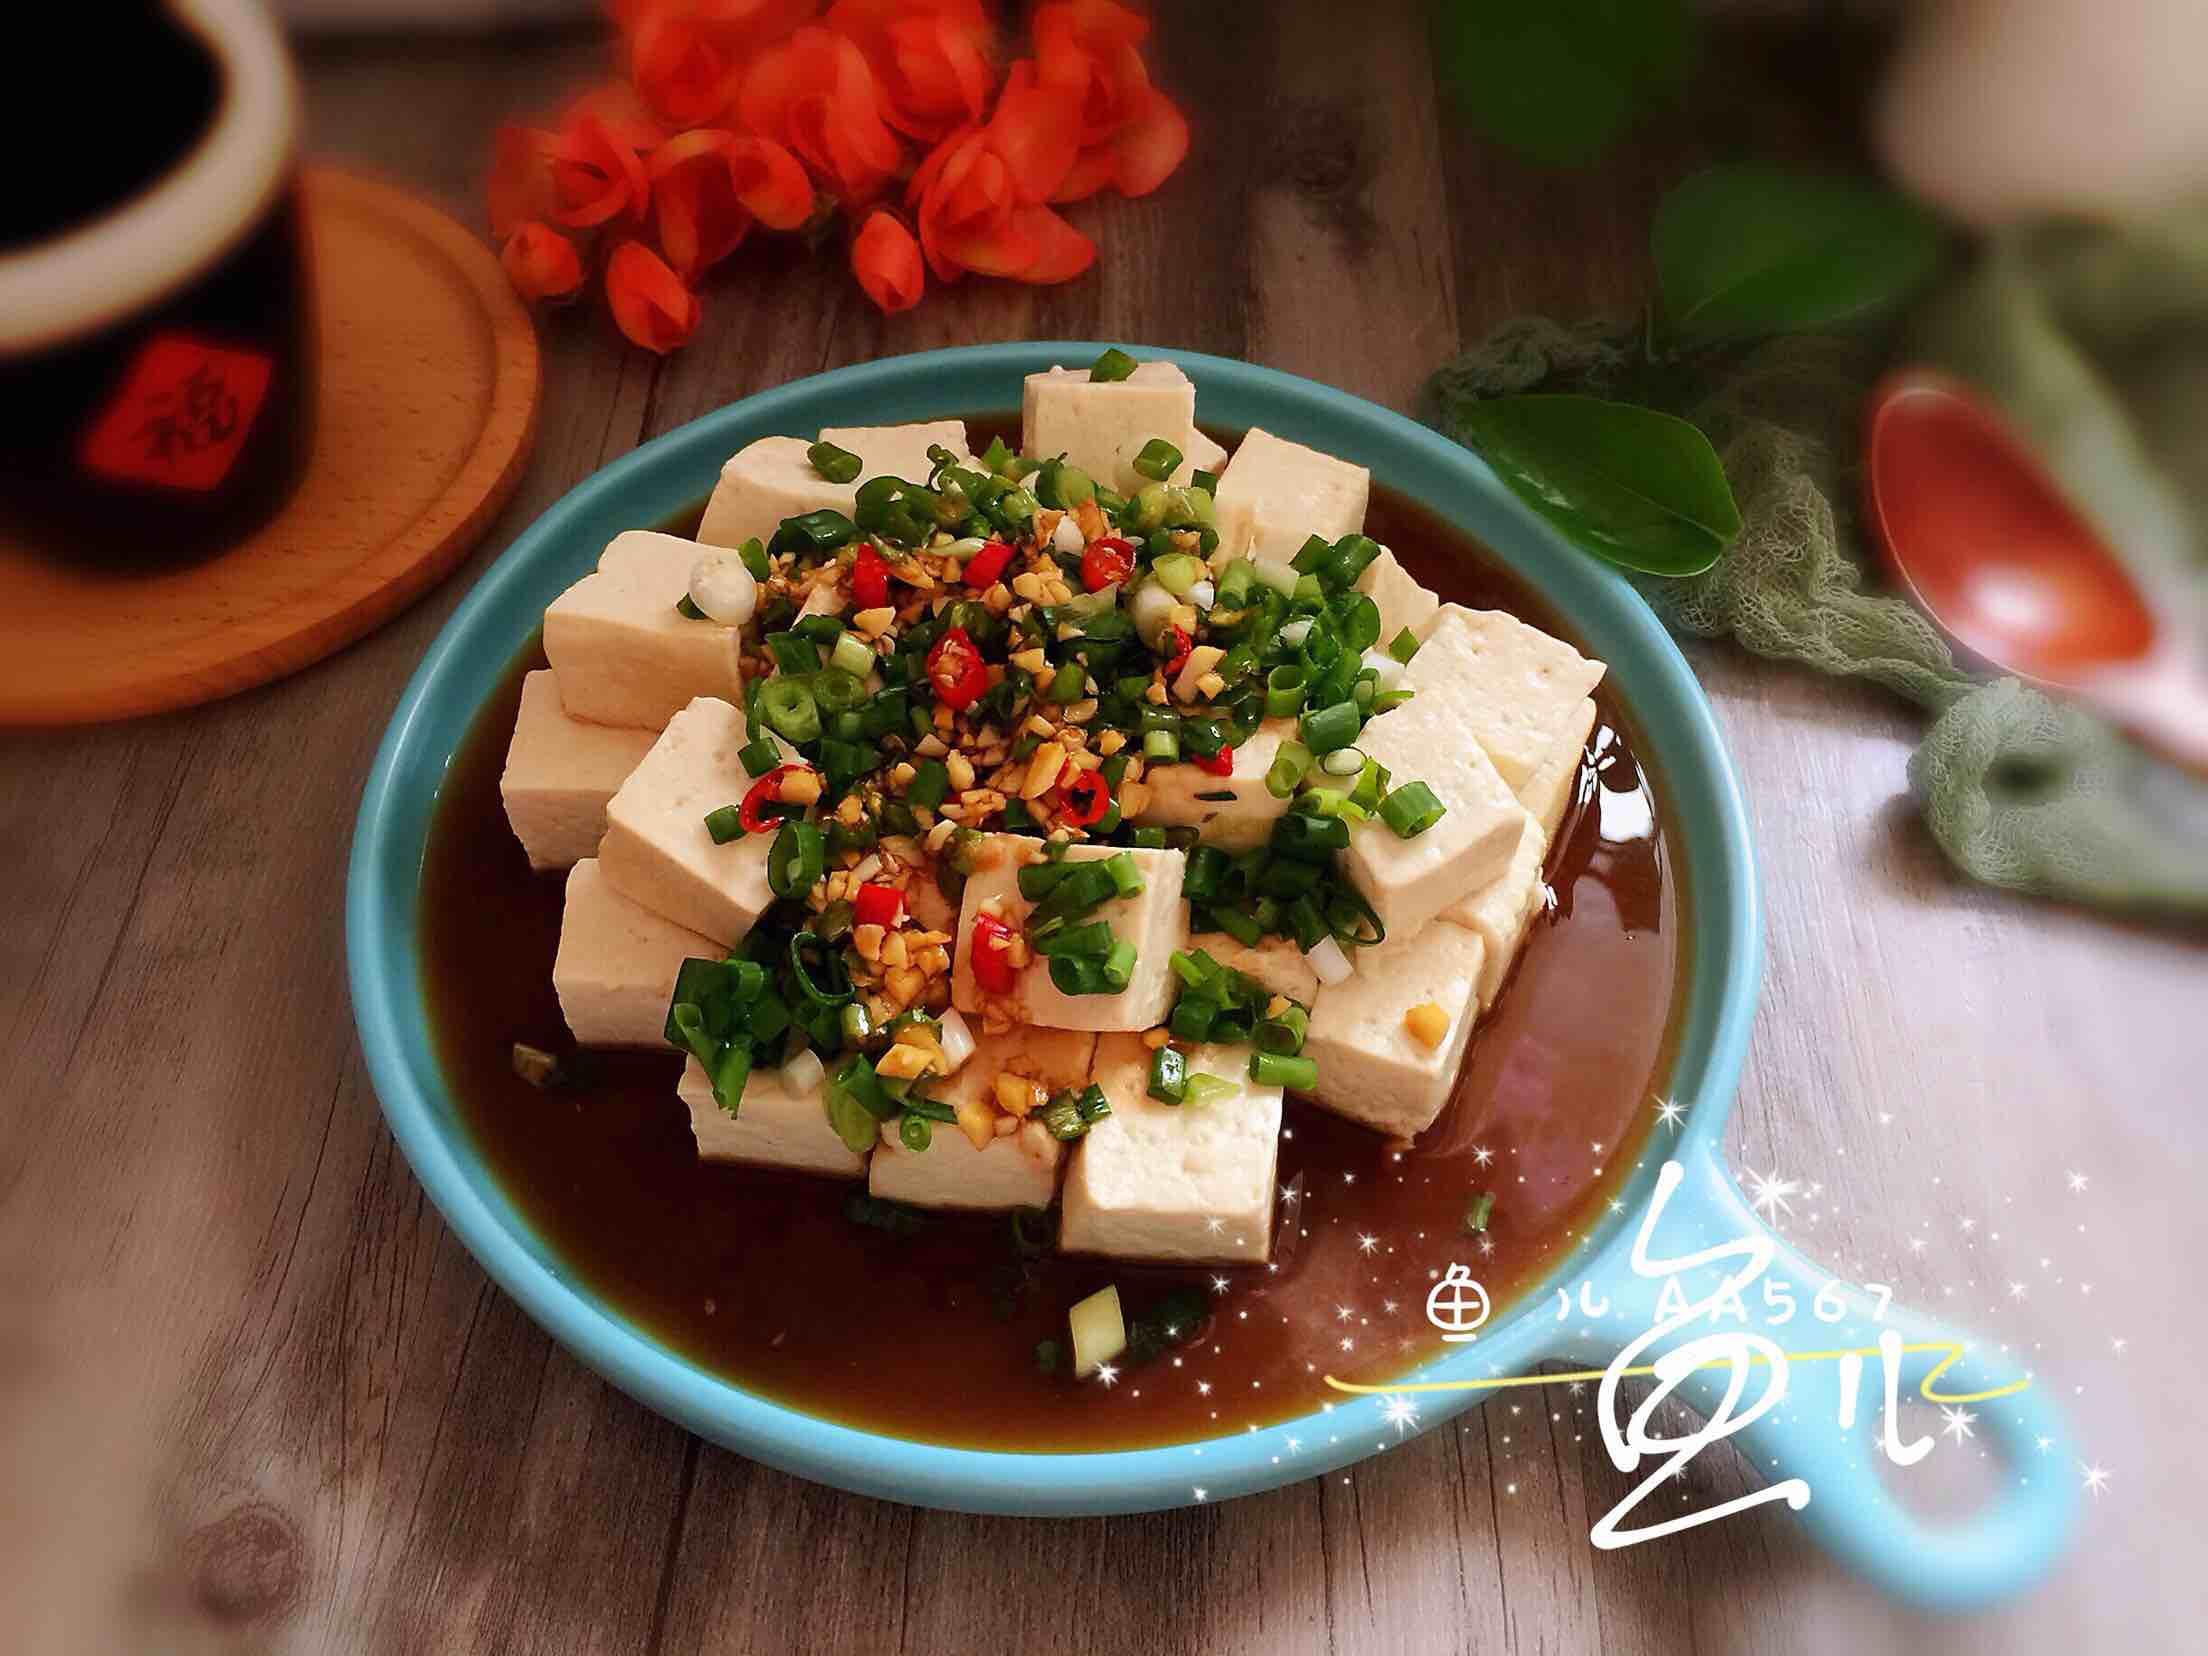 小葱拌豆腐怎样煮